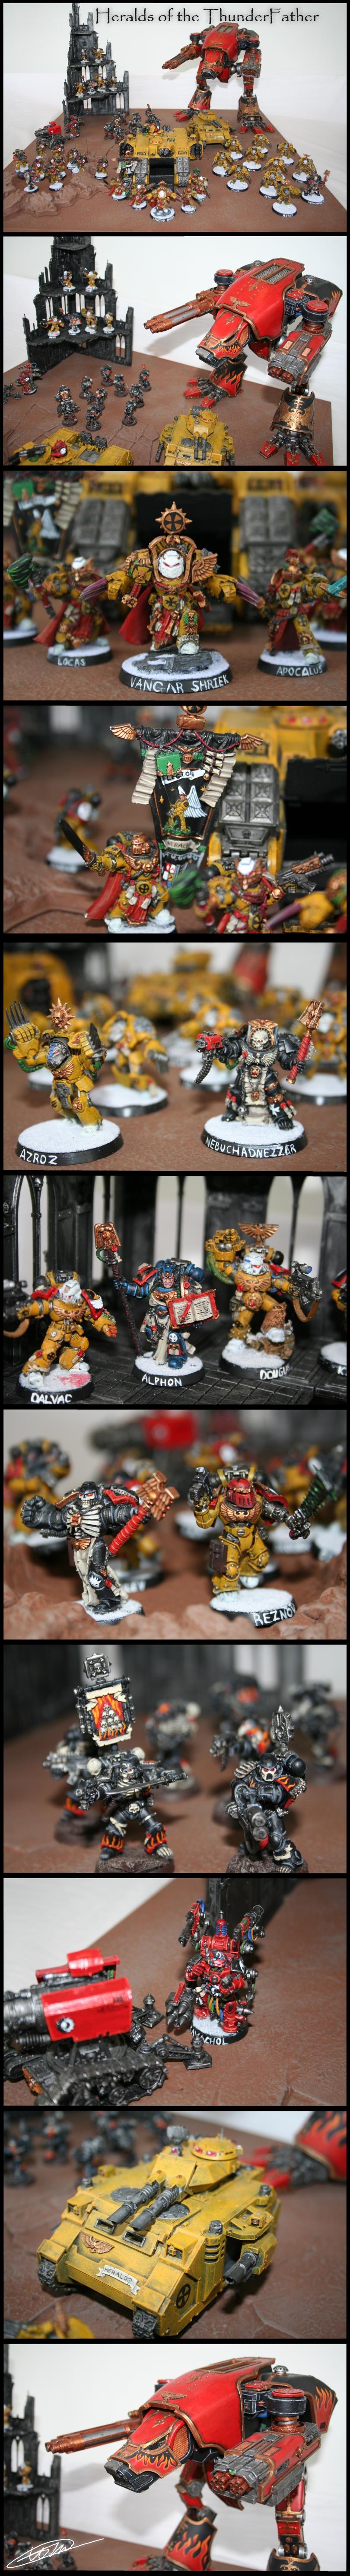 Heralds of the Thunderfather by VangarShriek